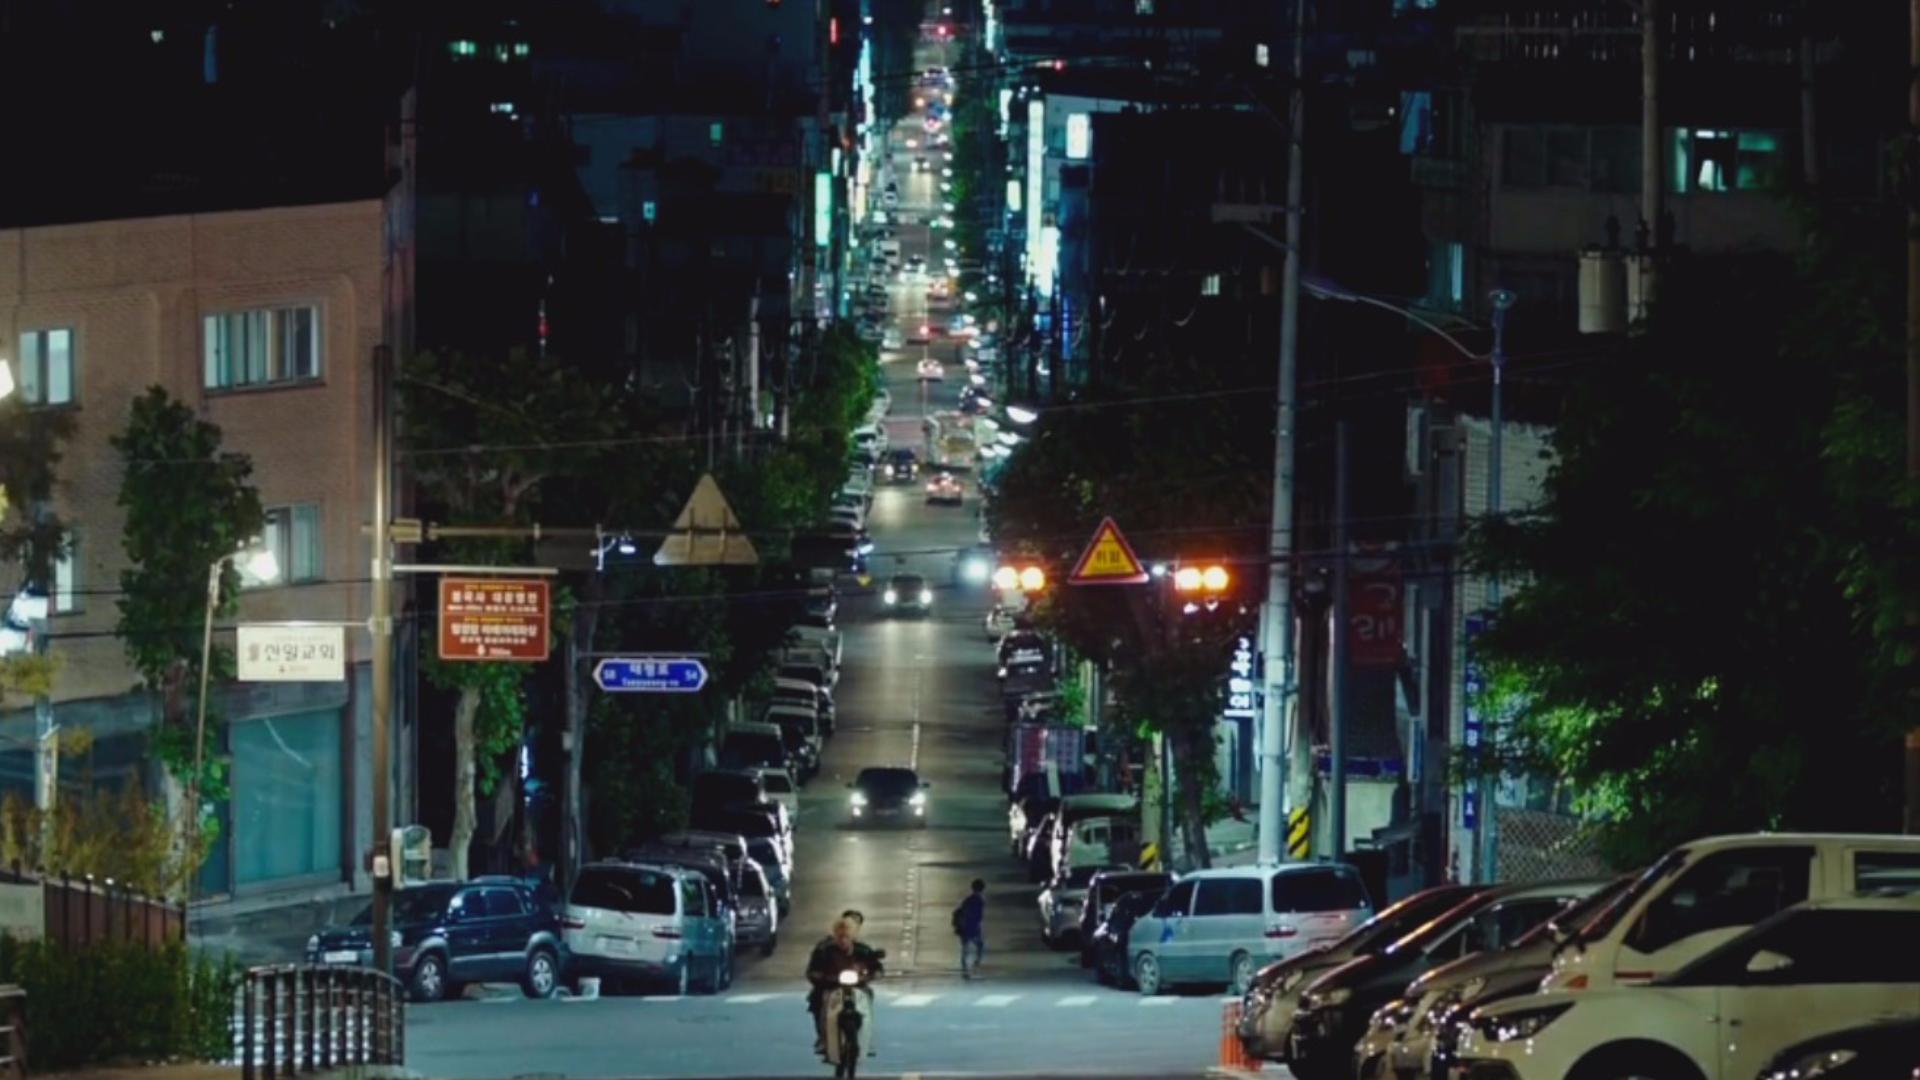 盘点看过的那些有意思的韩影片段九十四